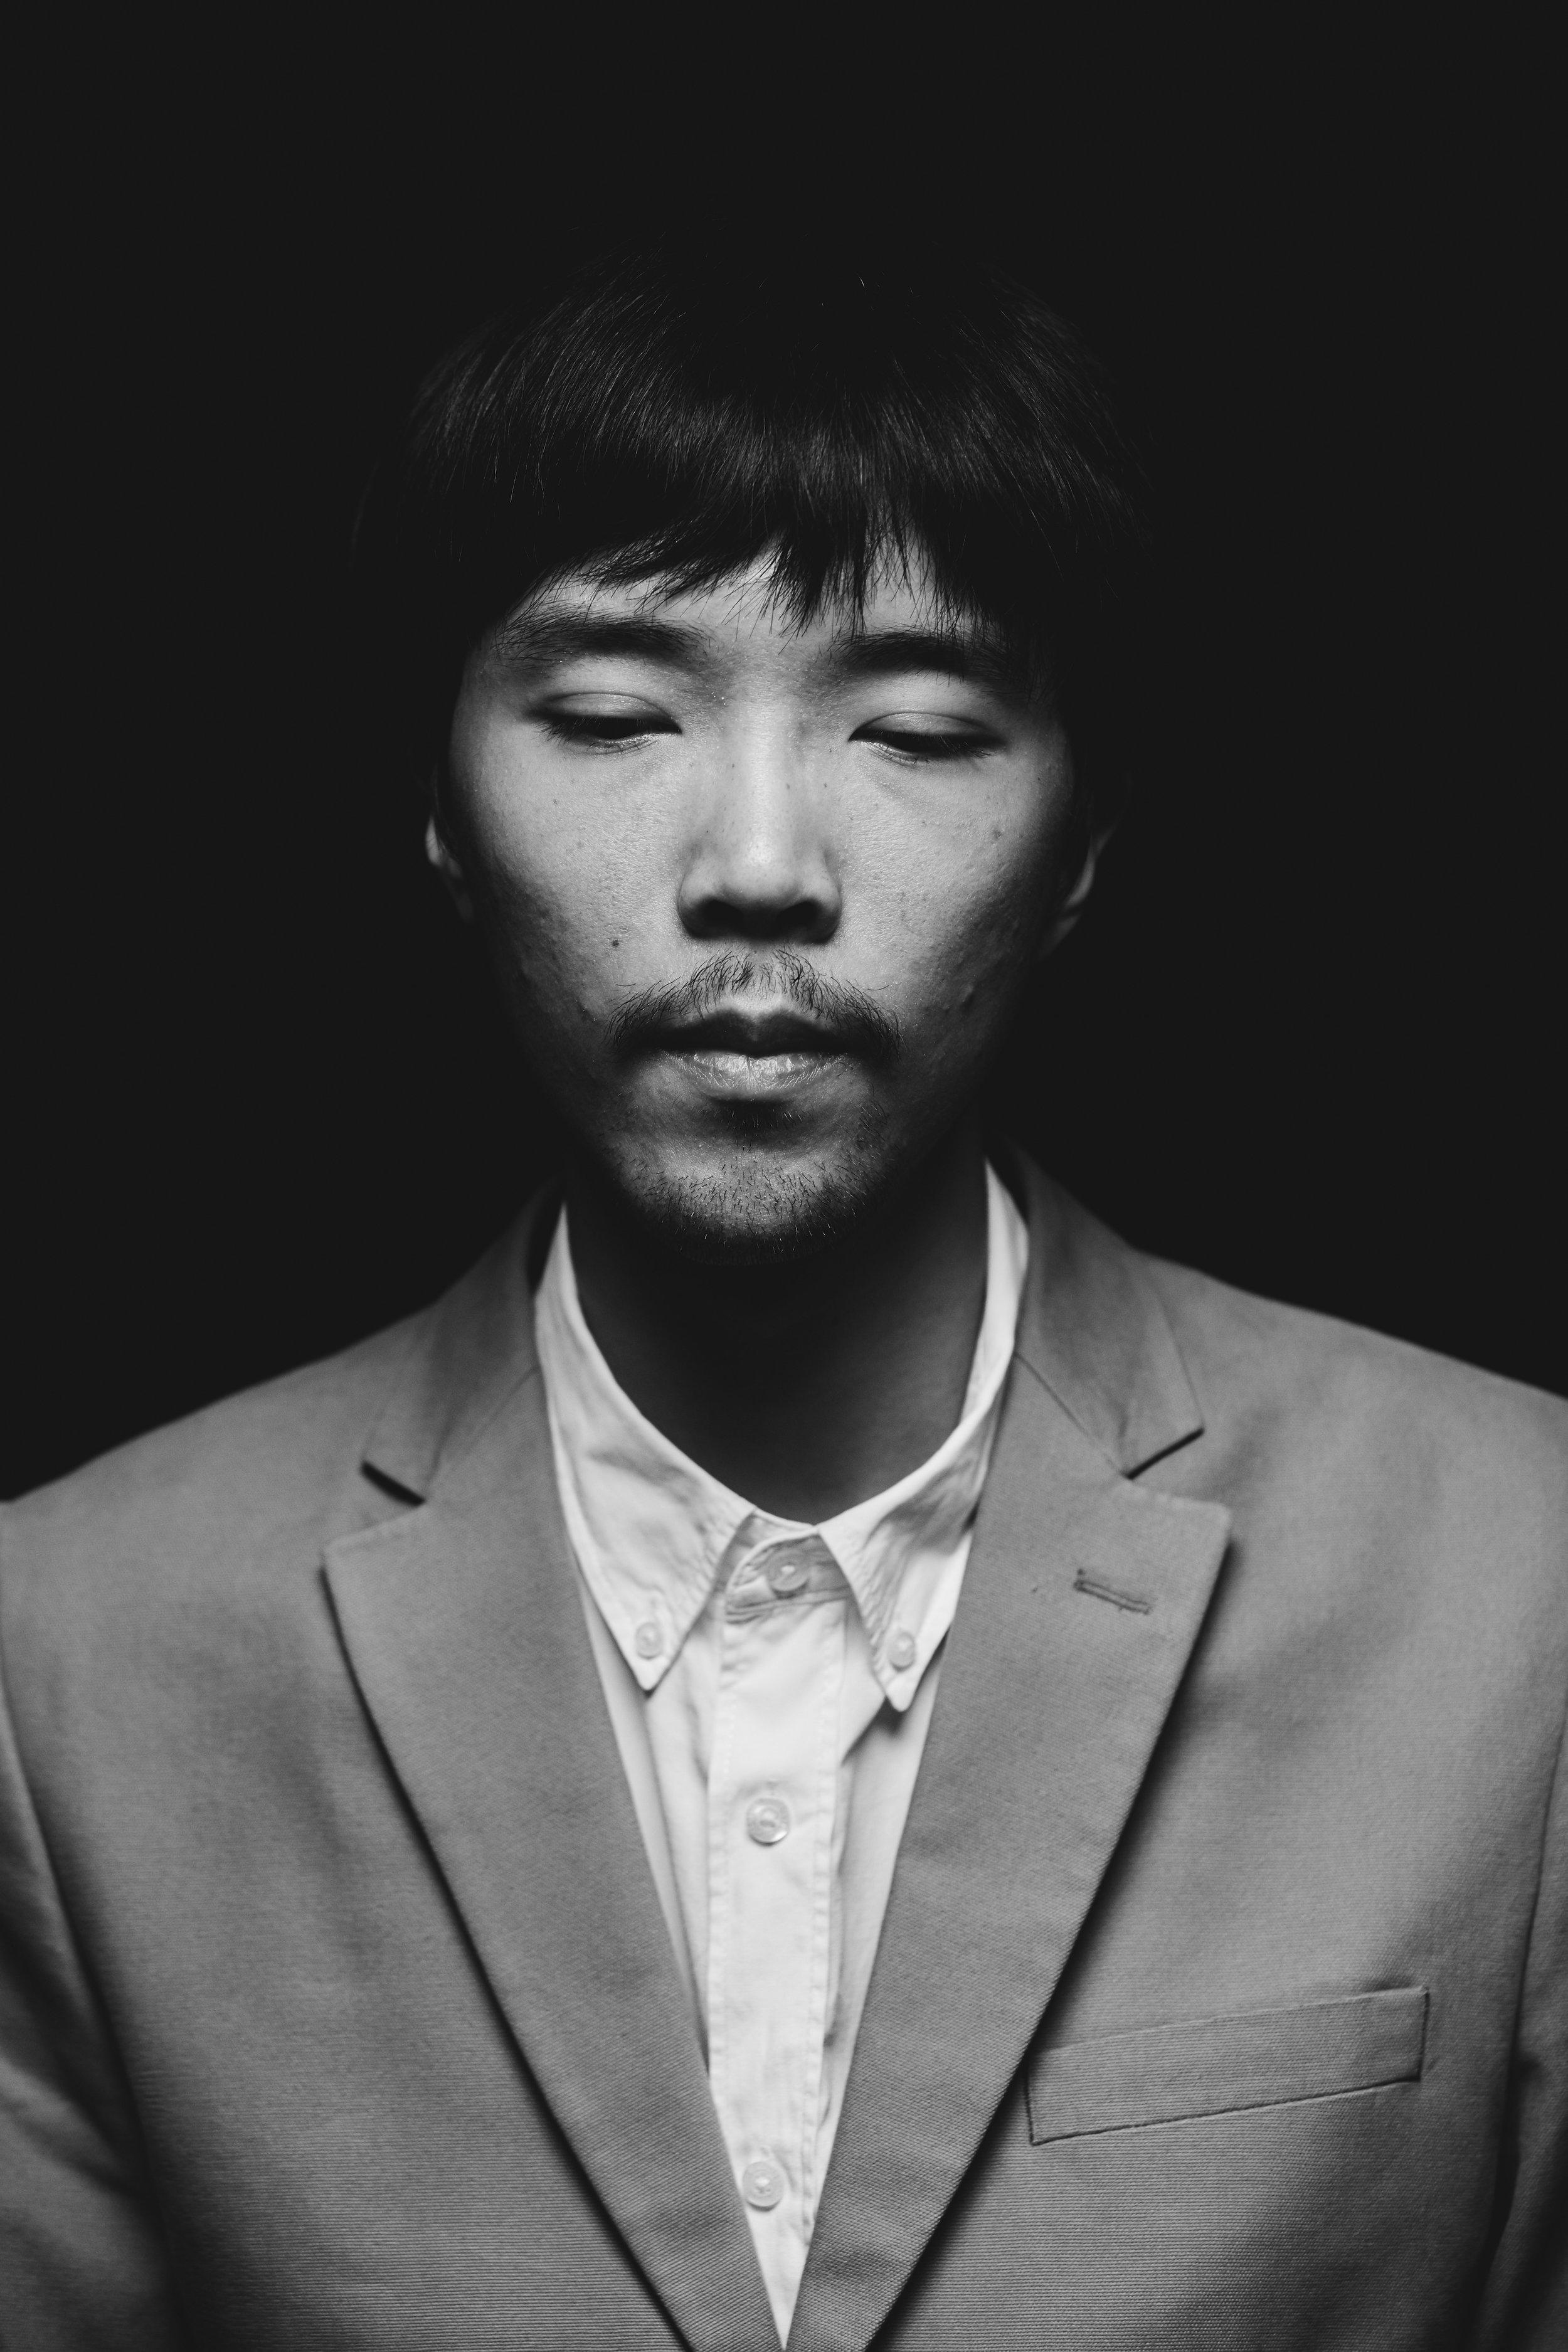 Jabin-Law_by_Michae-CW-Chiu-Still-Loud001.jpg